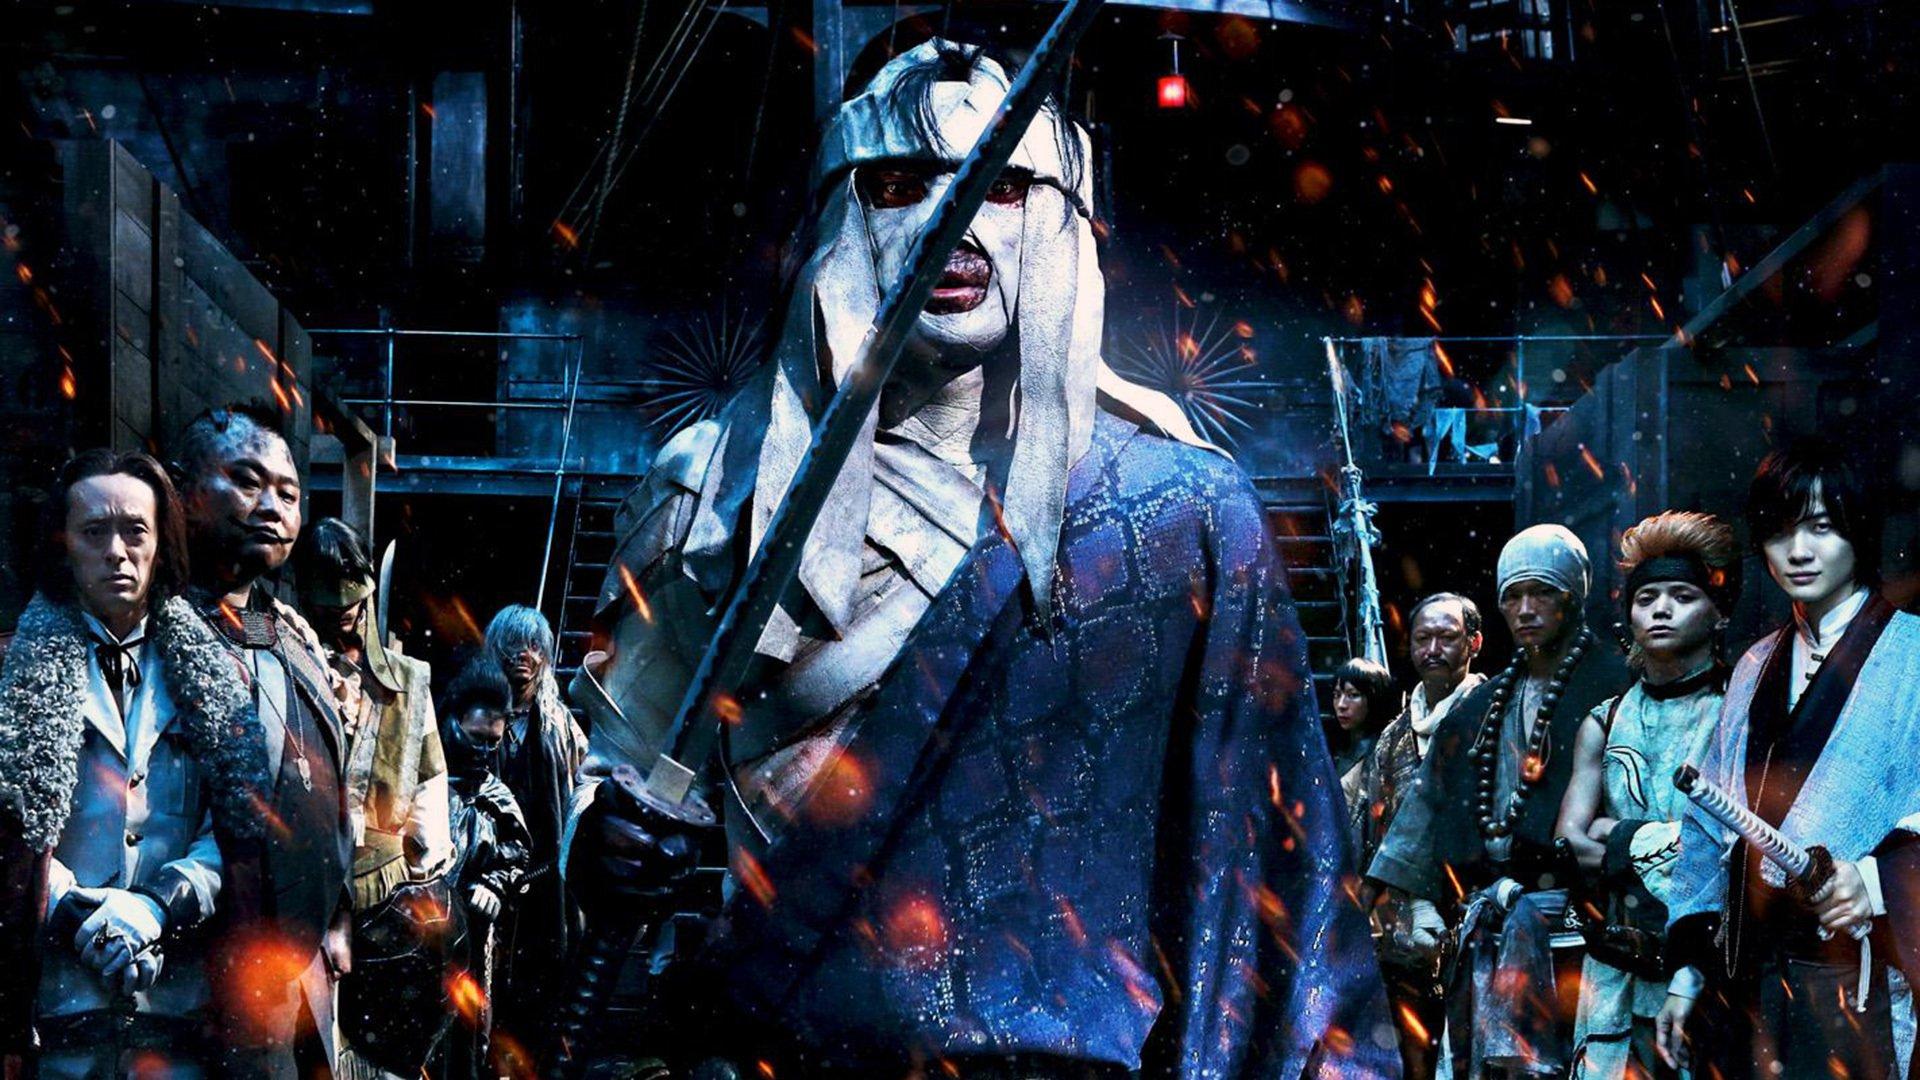 Rurôni Kenshin: Densetsu no saigo-hen